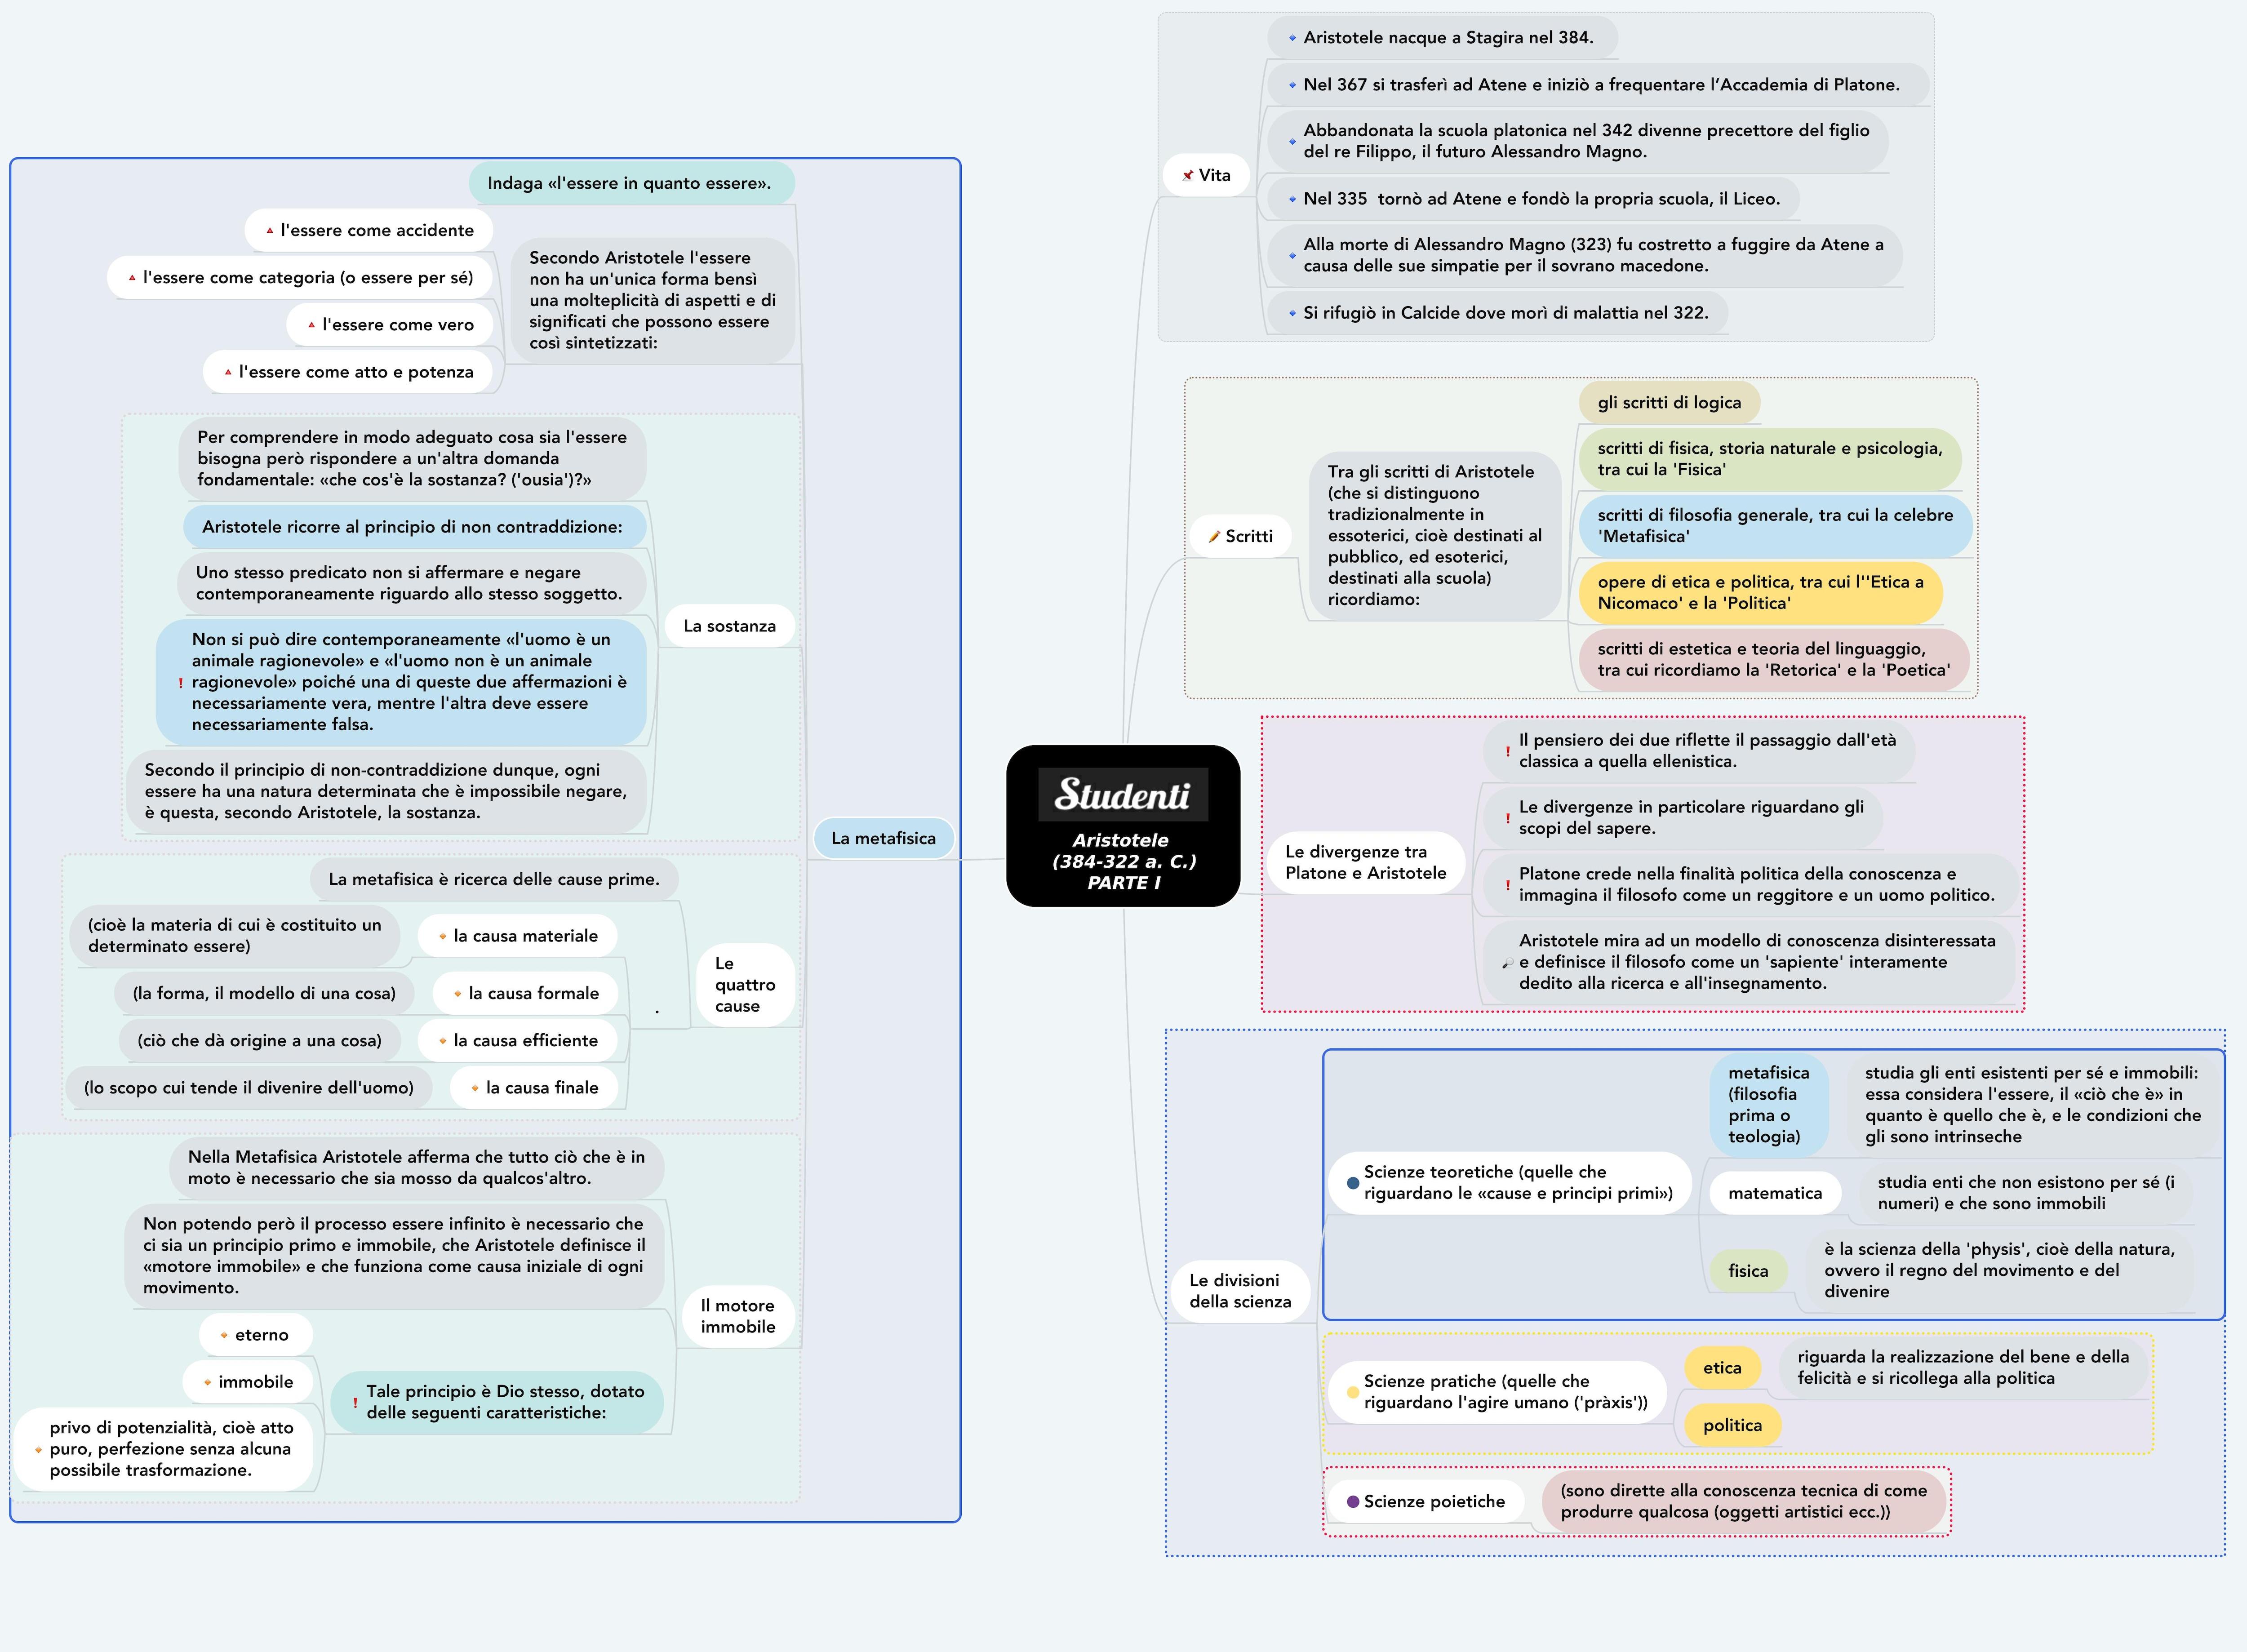 Mappa concettuale su Aristotele  prima parte